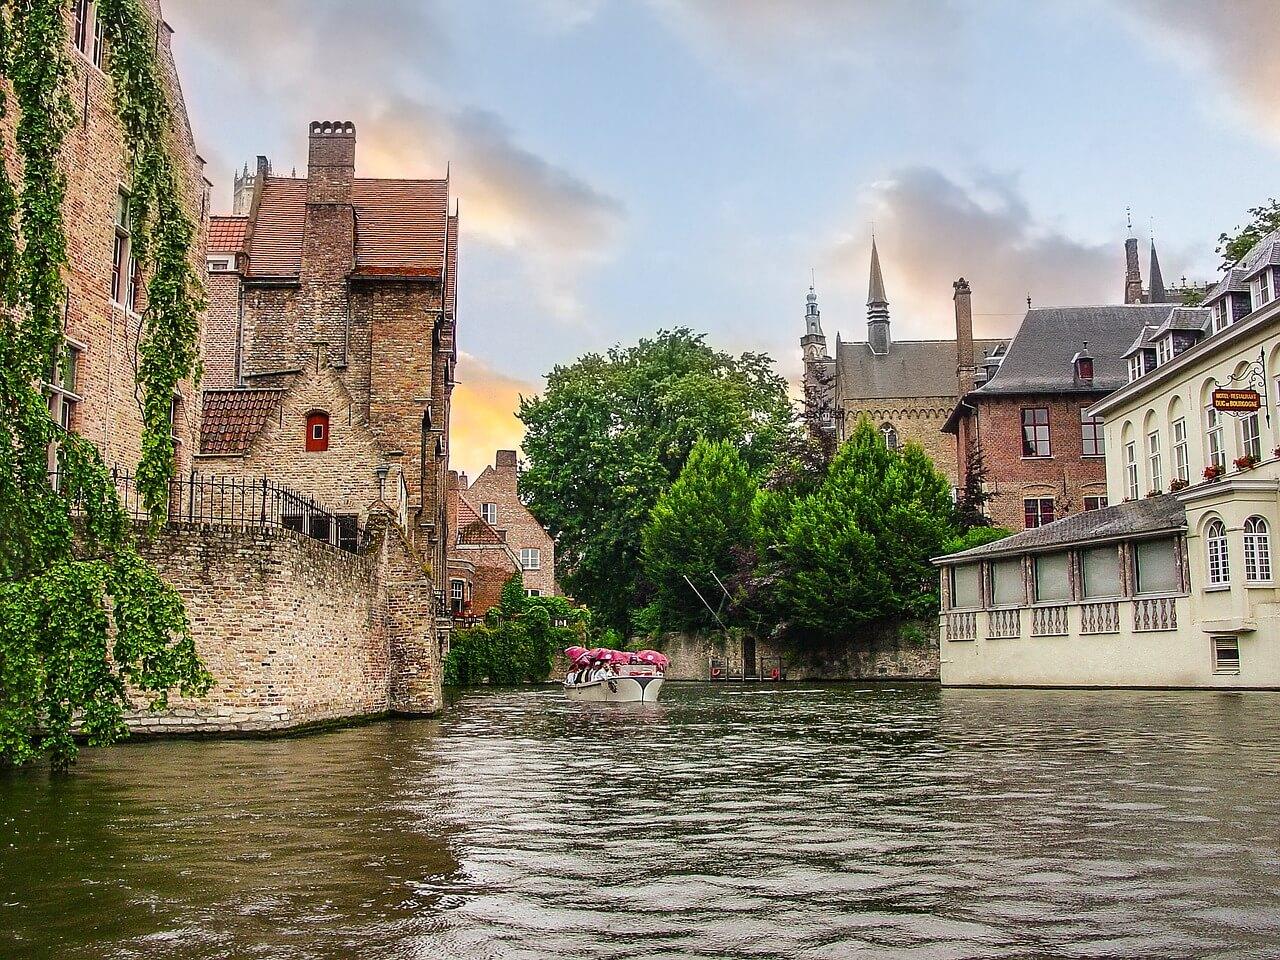 Los belgas disfrutan estos paisajes cada día - Sueños Viajeros